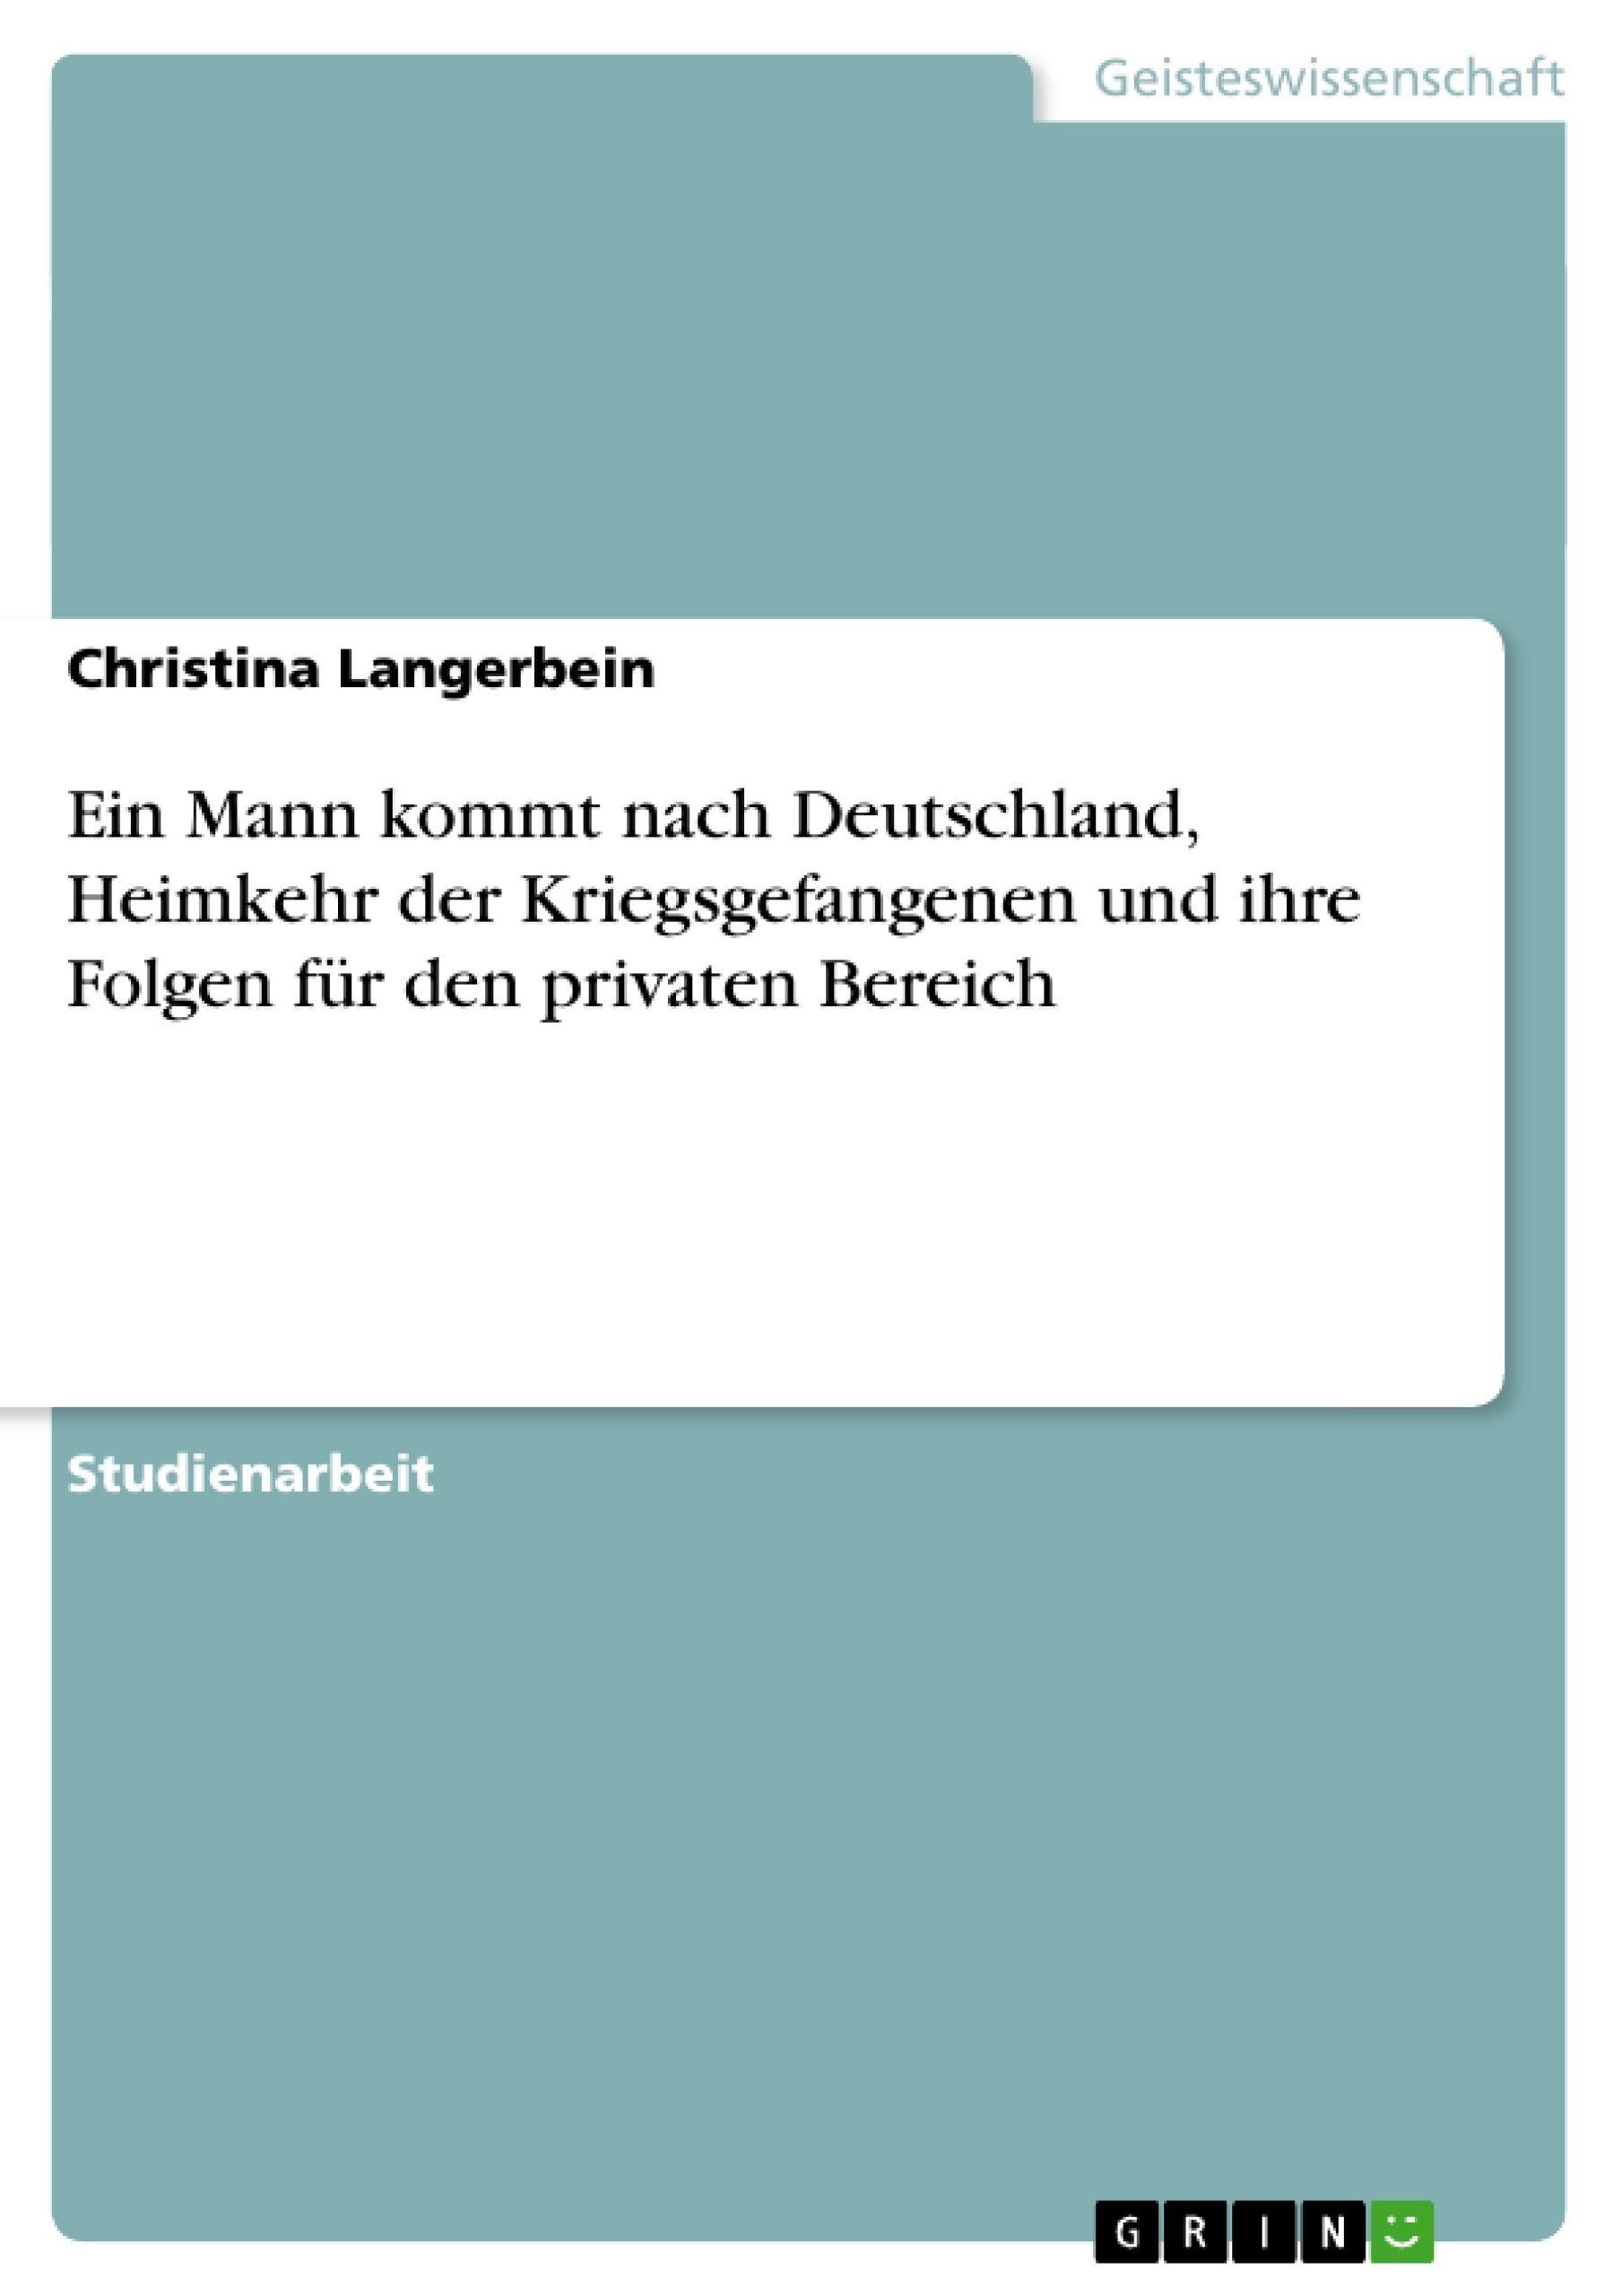 Titel: Ein Mann kommt nach Deutschland, Heimkehr der Kriegsgefangenen und ihre Folgen für den privaten Bereich